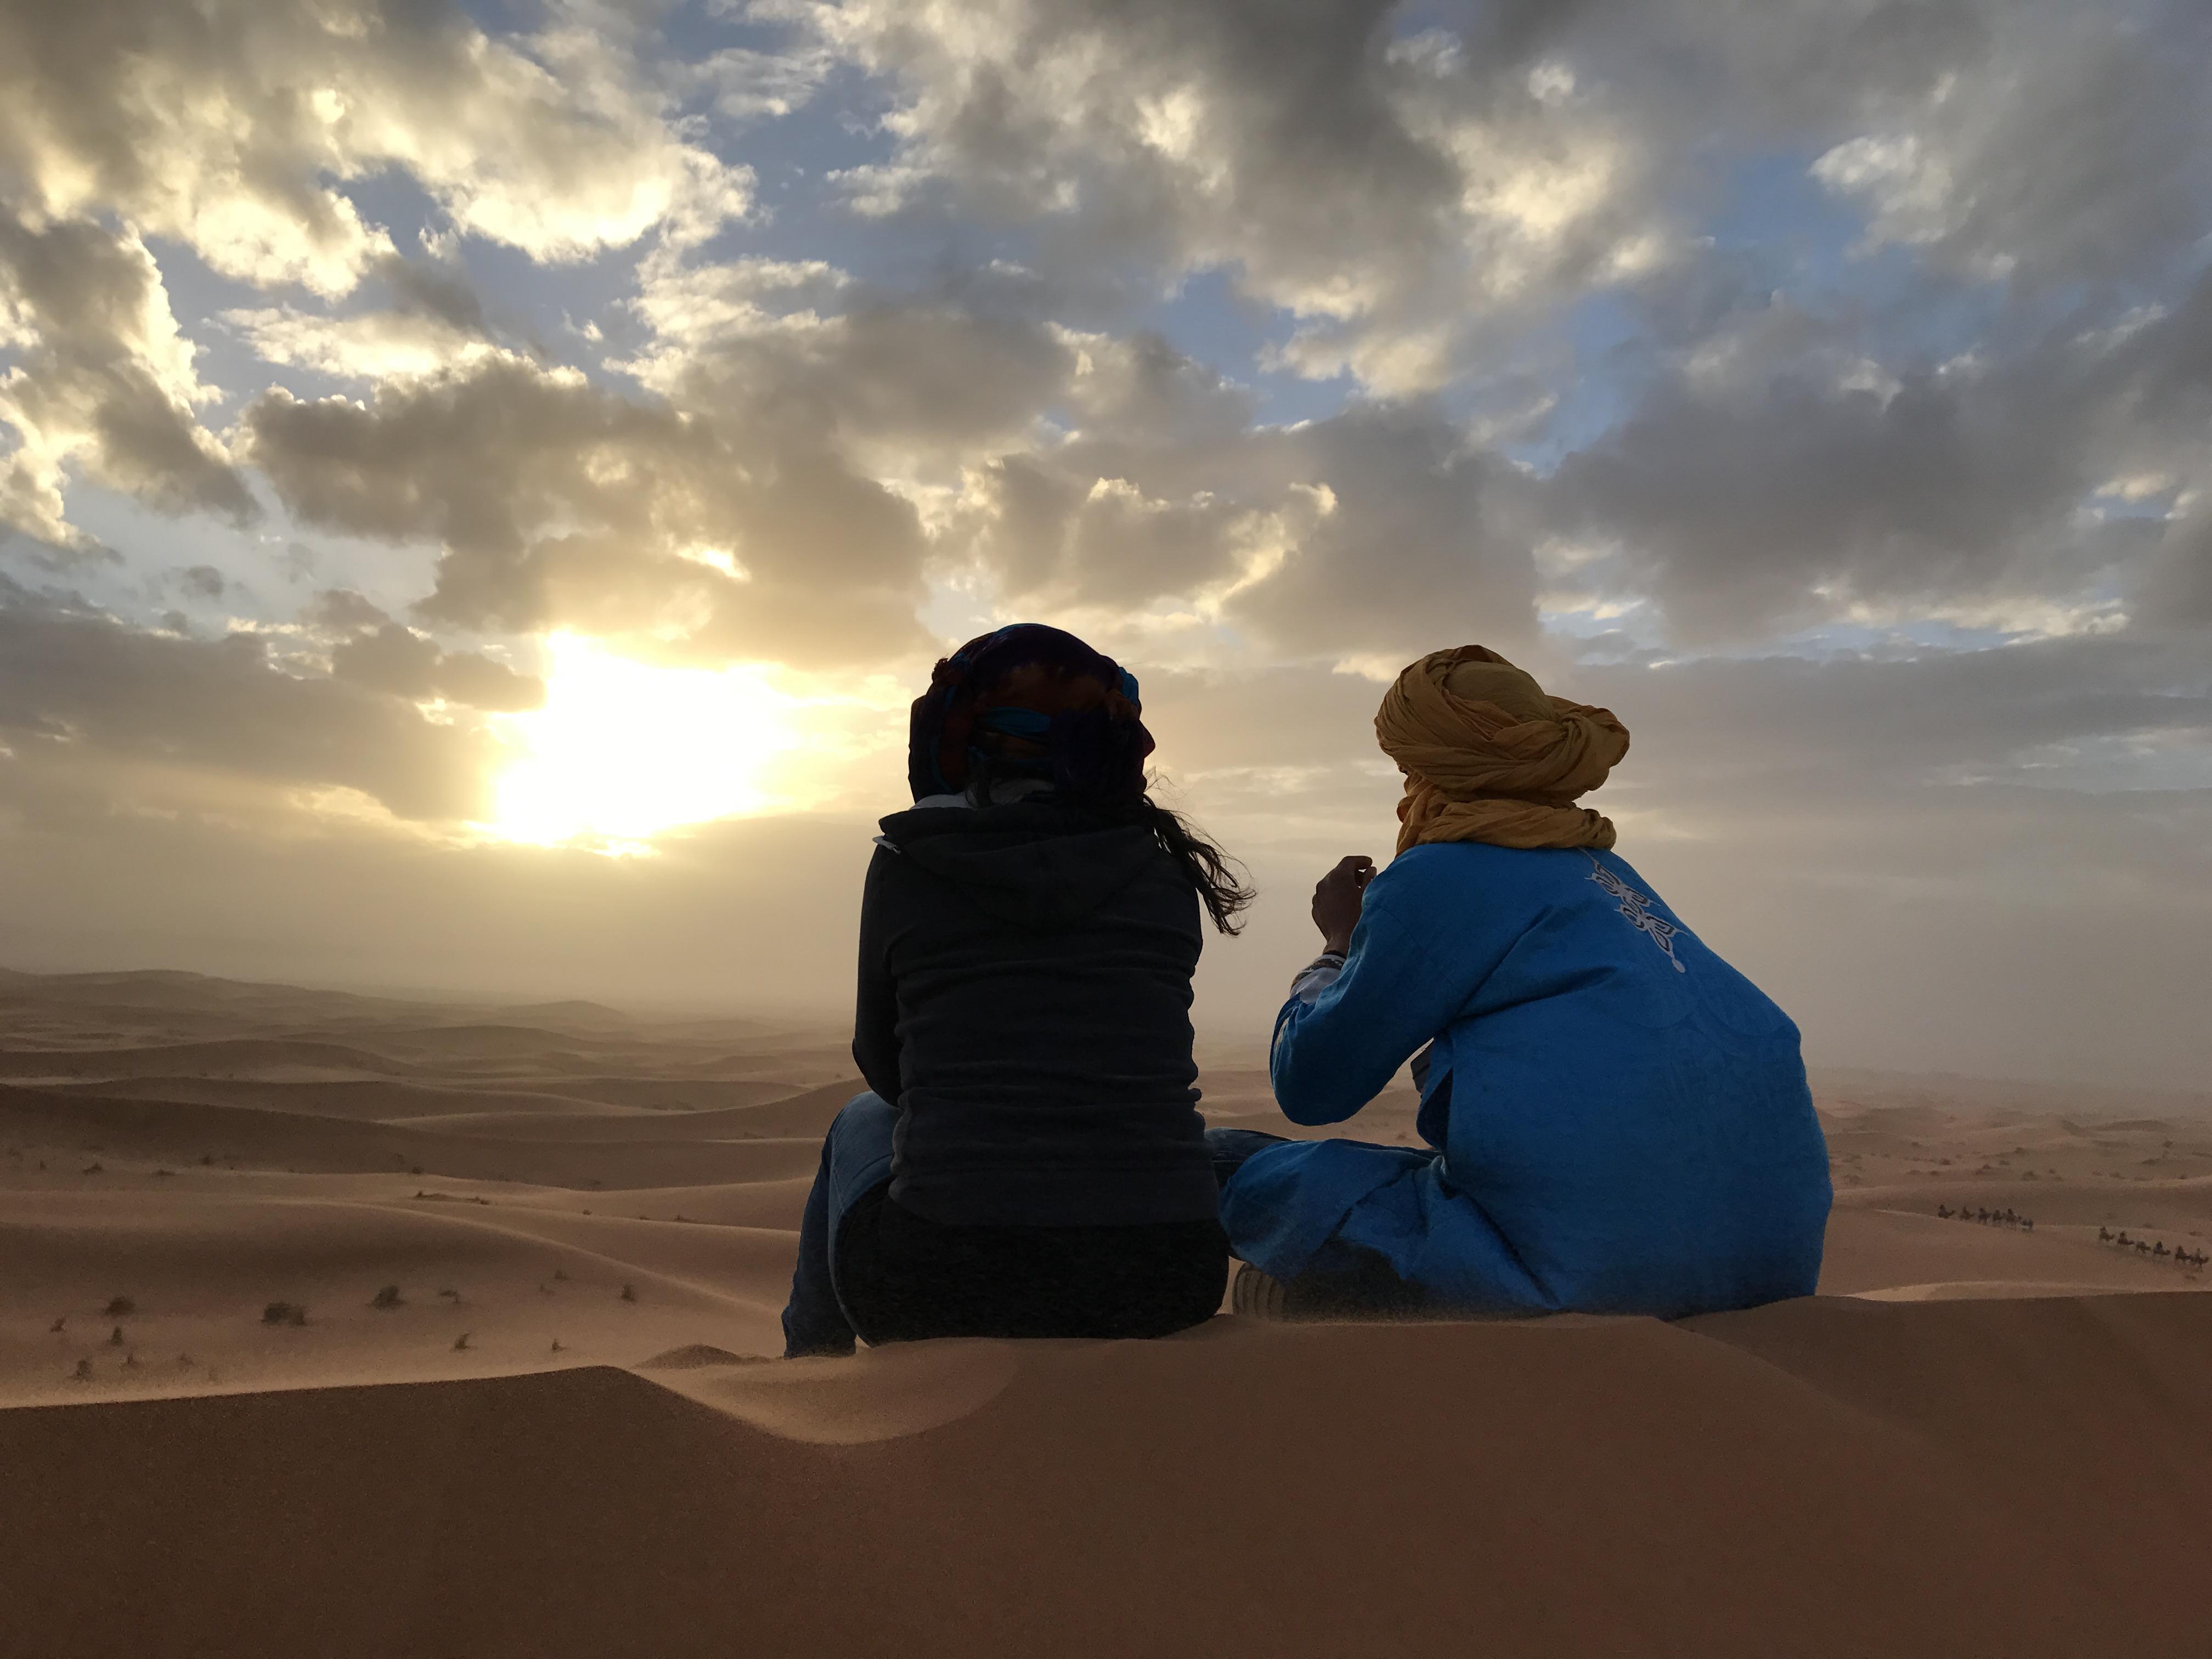 Tramonto sulle dune del deserto - Diario di viaggio Marocco